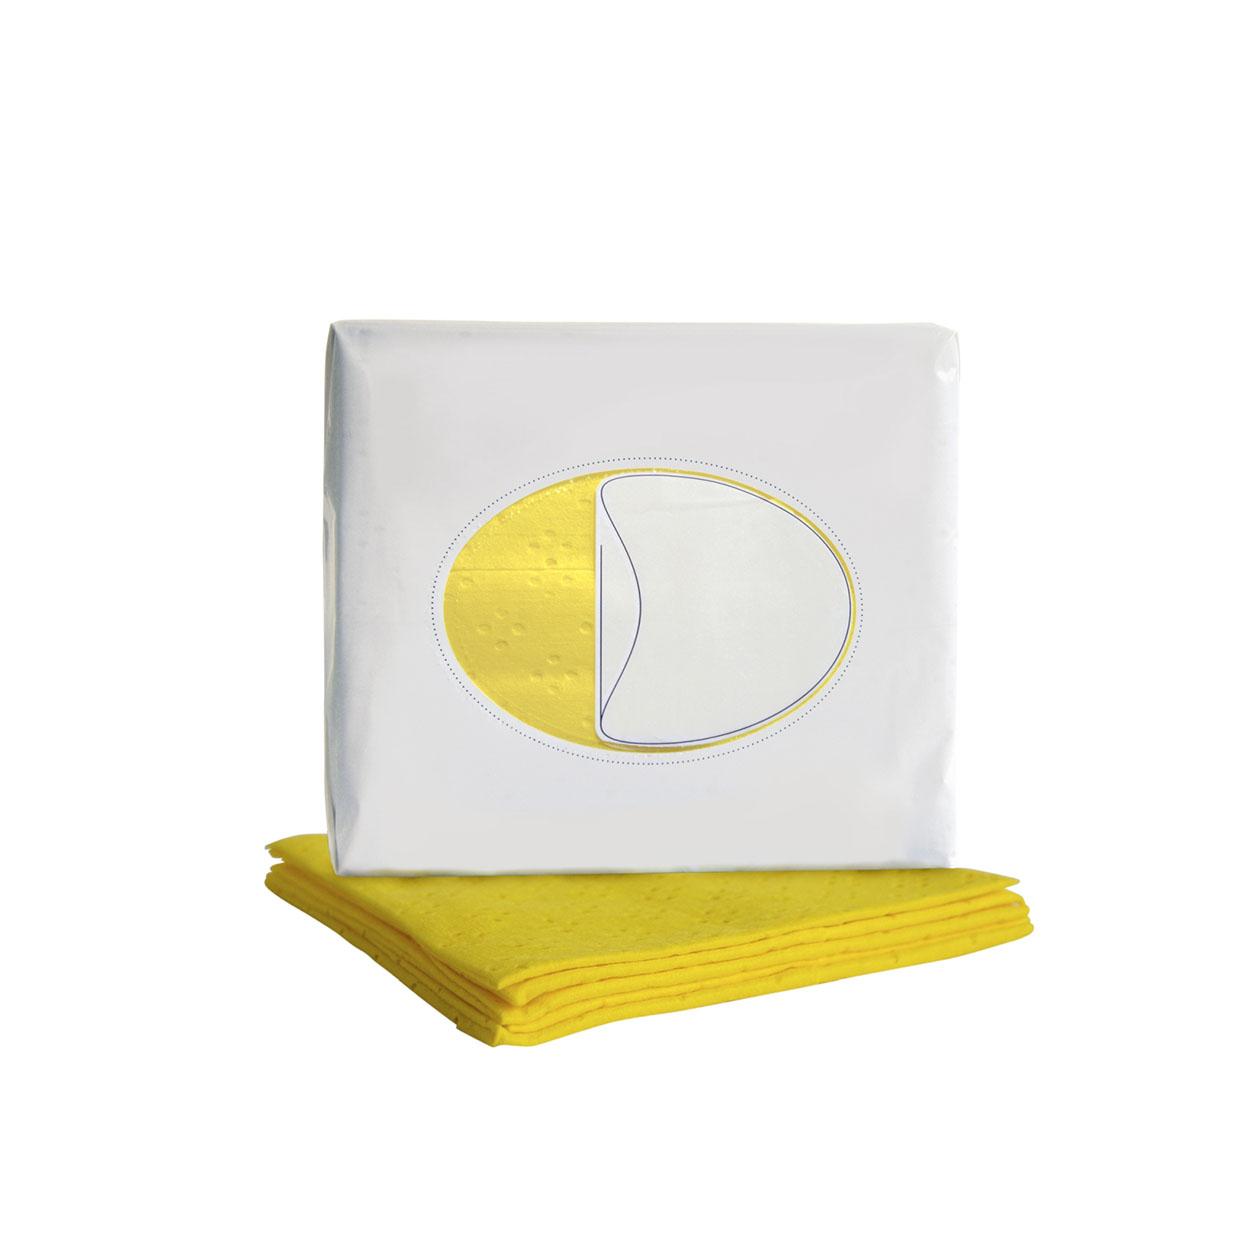 Barevná utěrka pro jemné čištění - žlutá